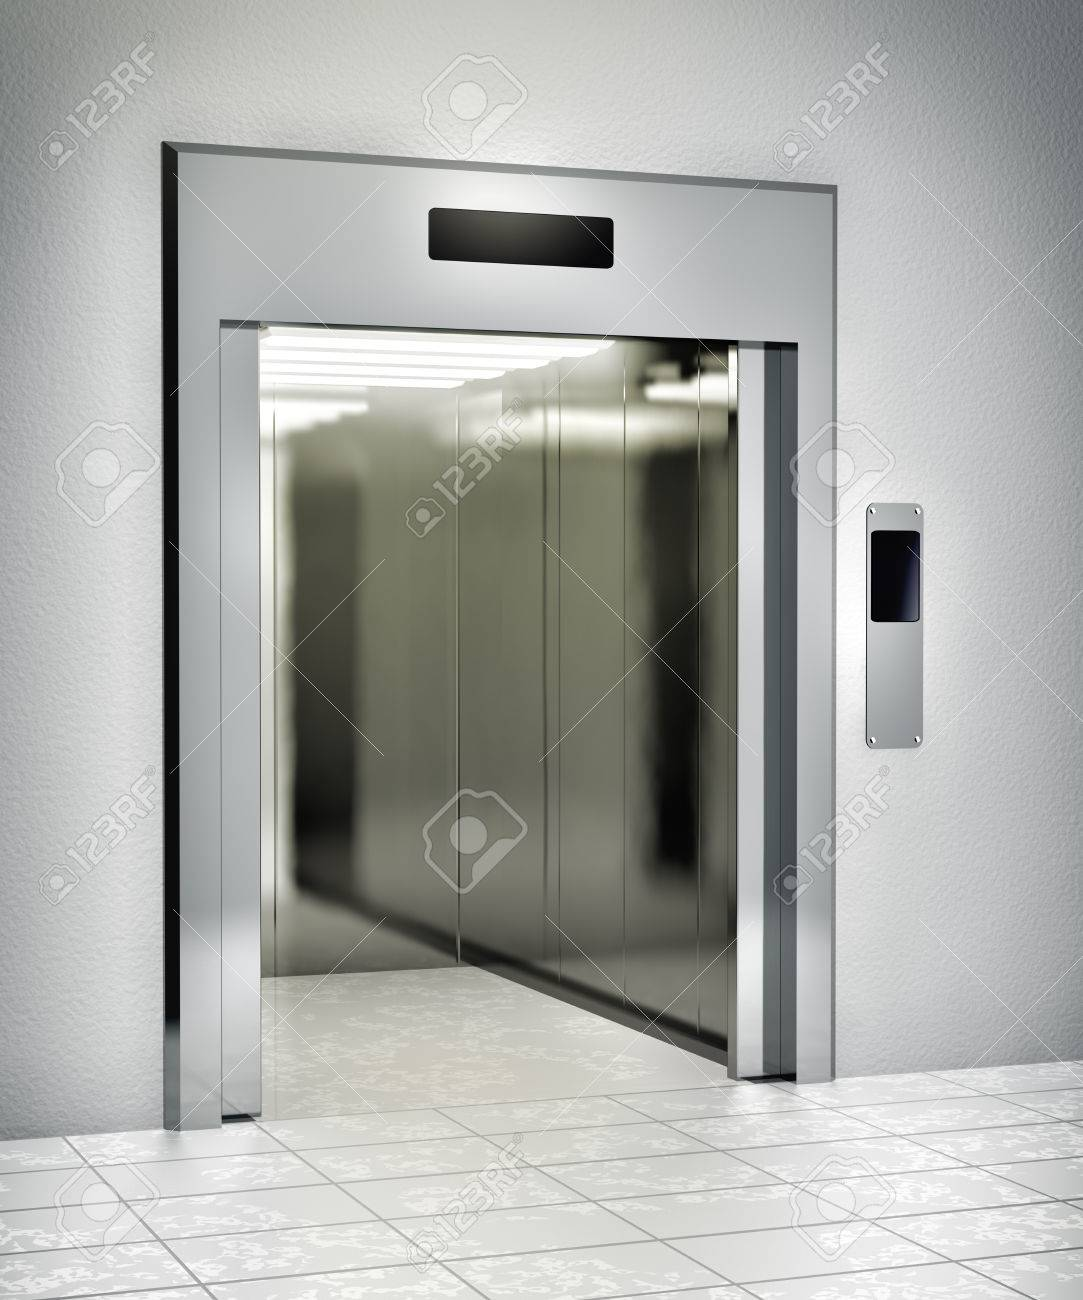 Modern elevator with opened door - 37458090